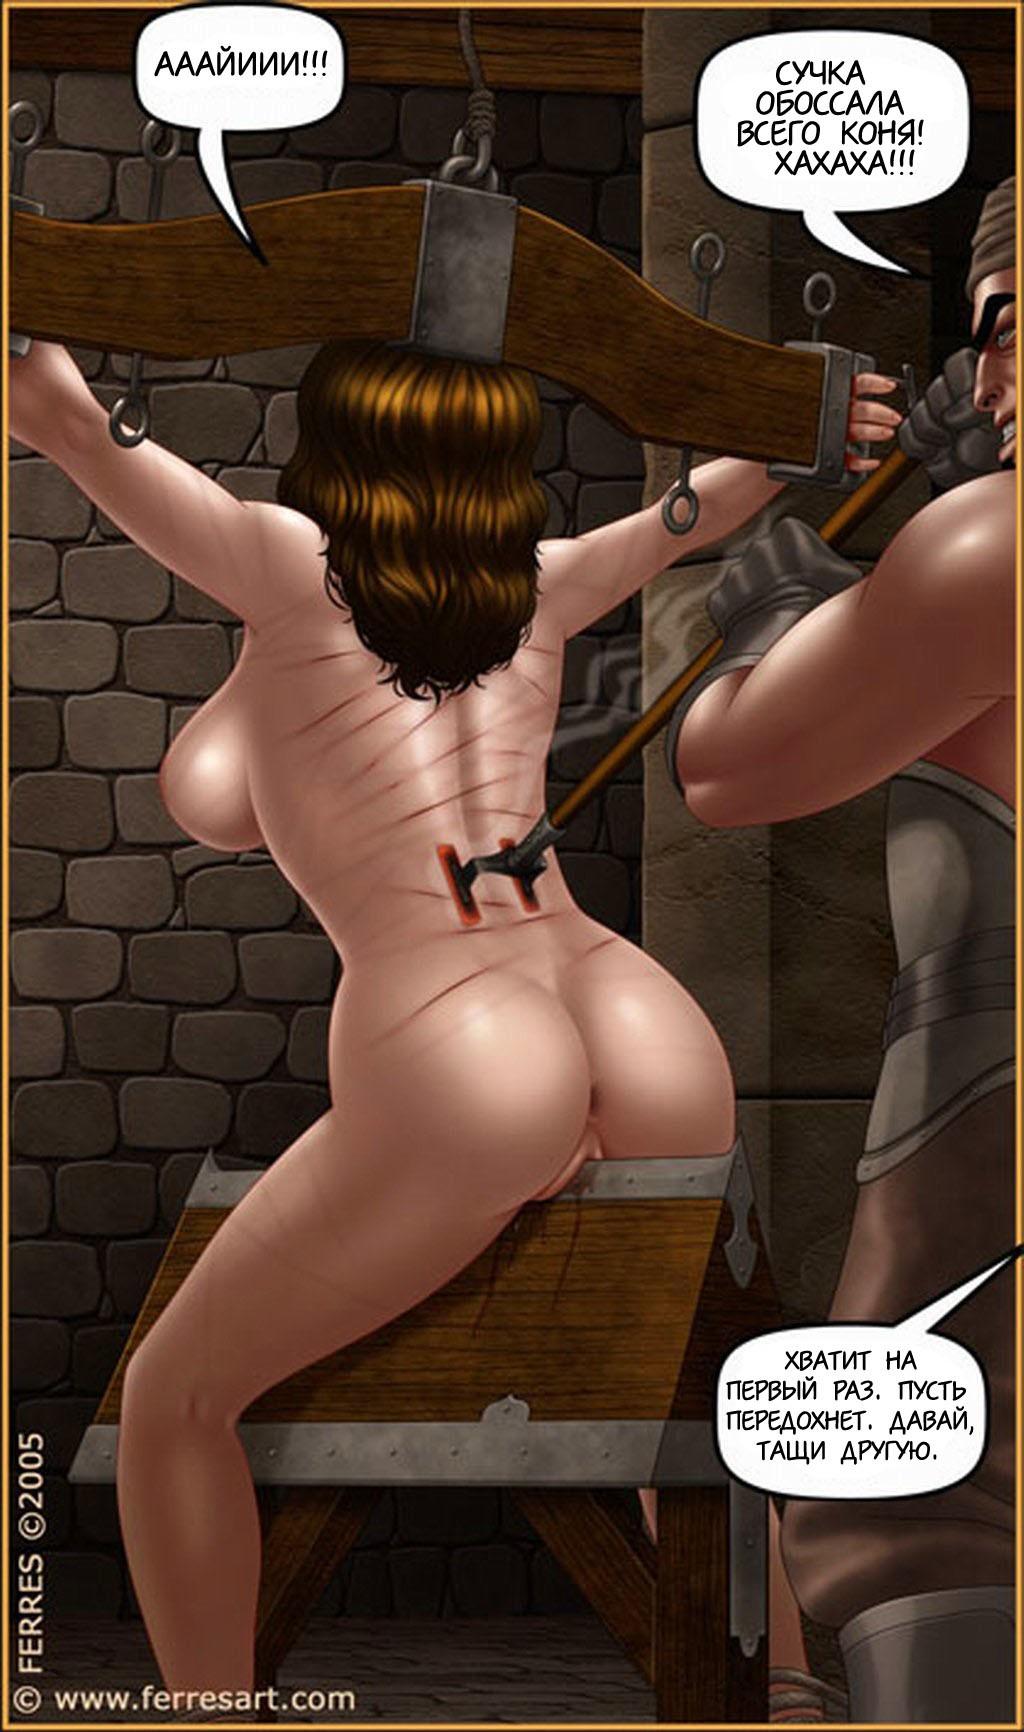 ведь порно рабыня средневековье женщина может забеременеть